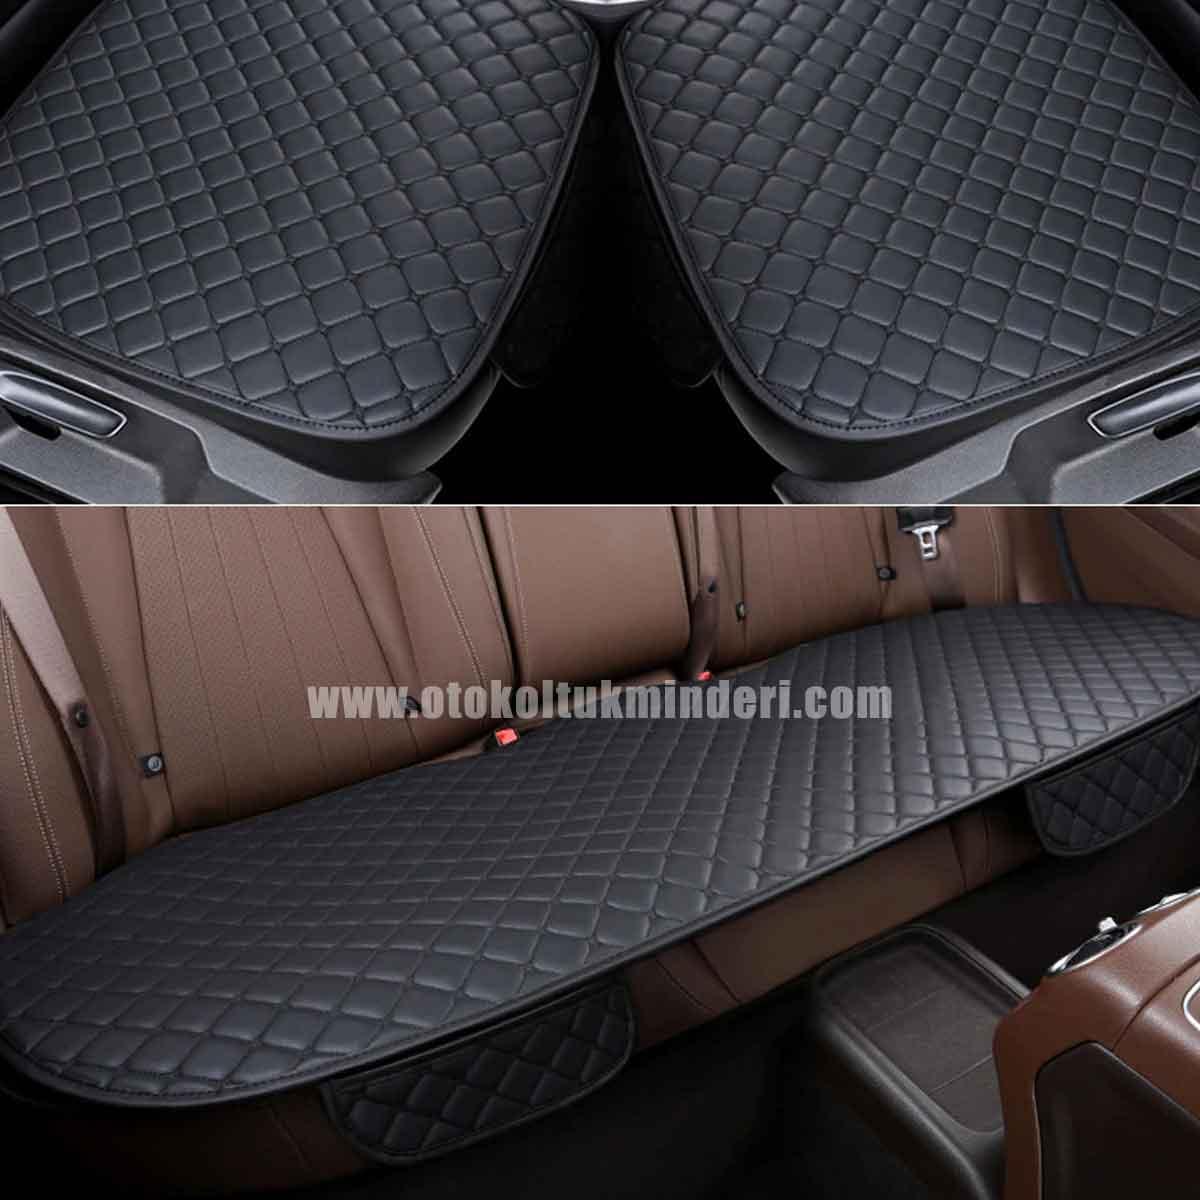 Mini koltuk kılıfı deri - Mini Koltuk minderi Siyah Deri Cepli